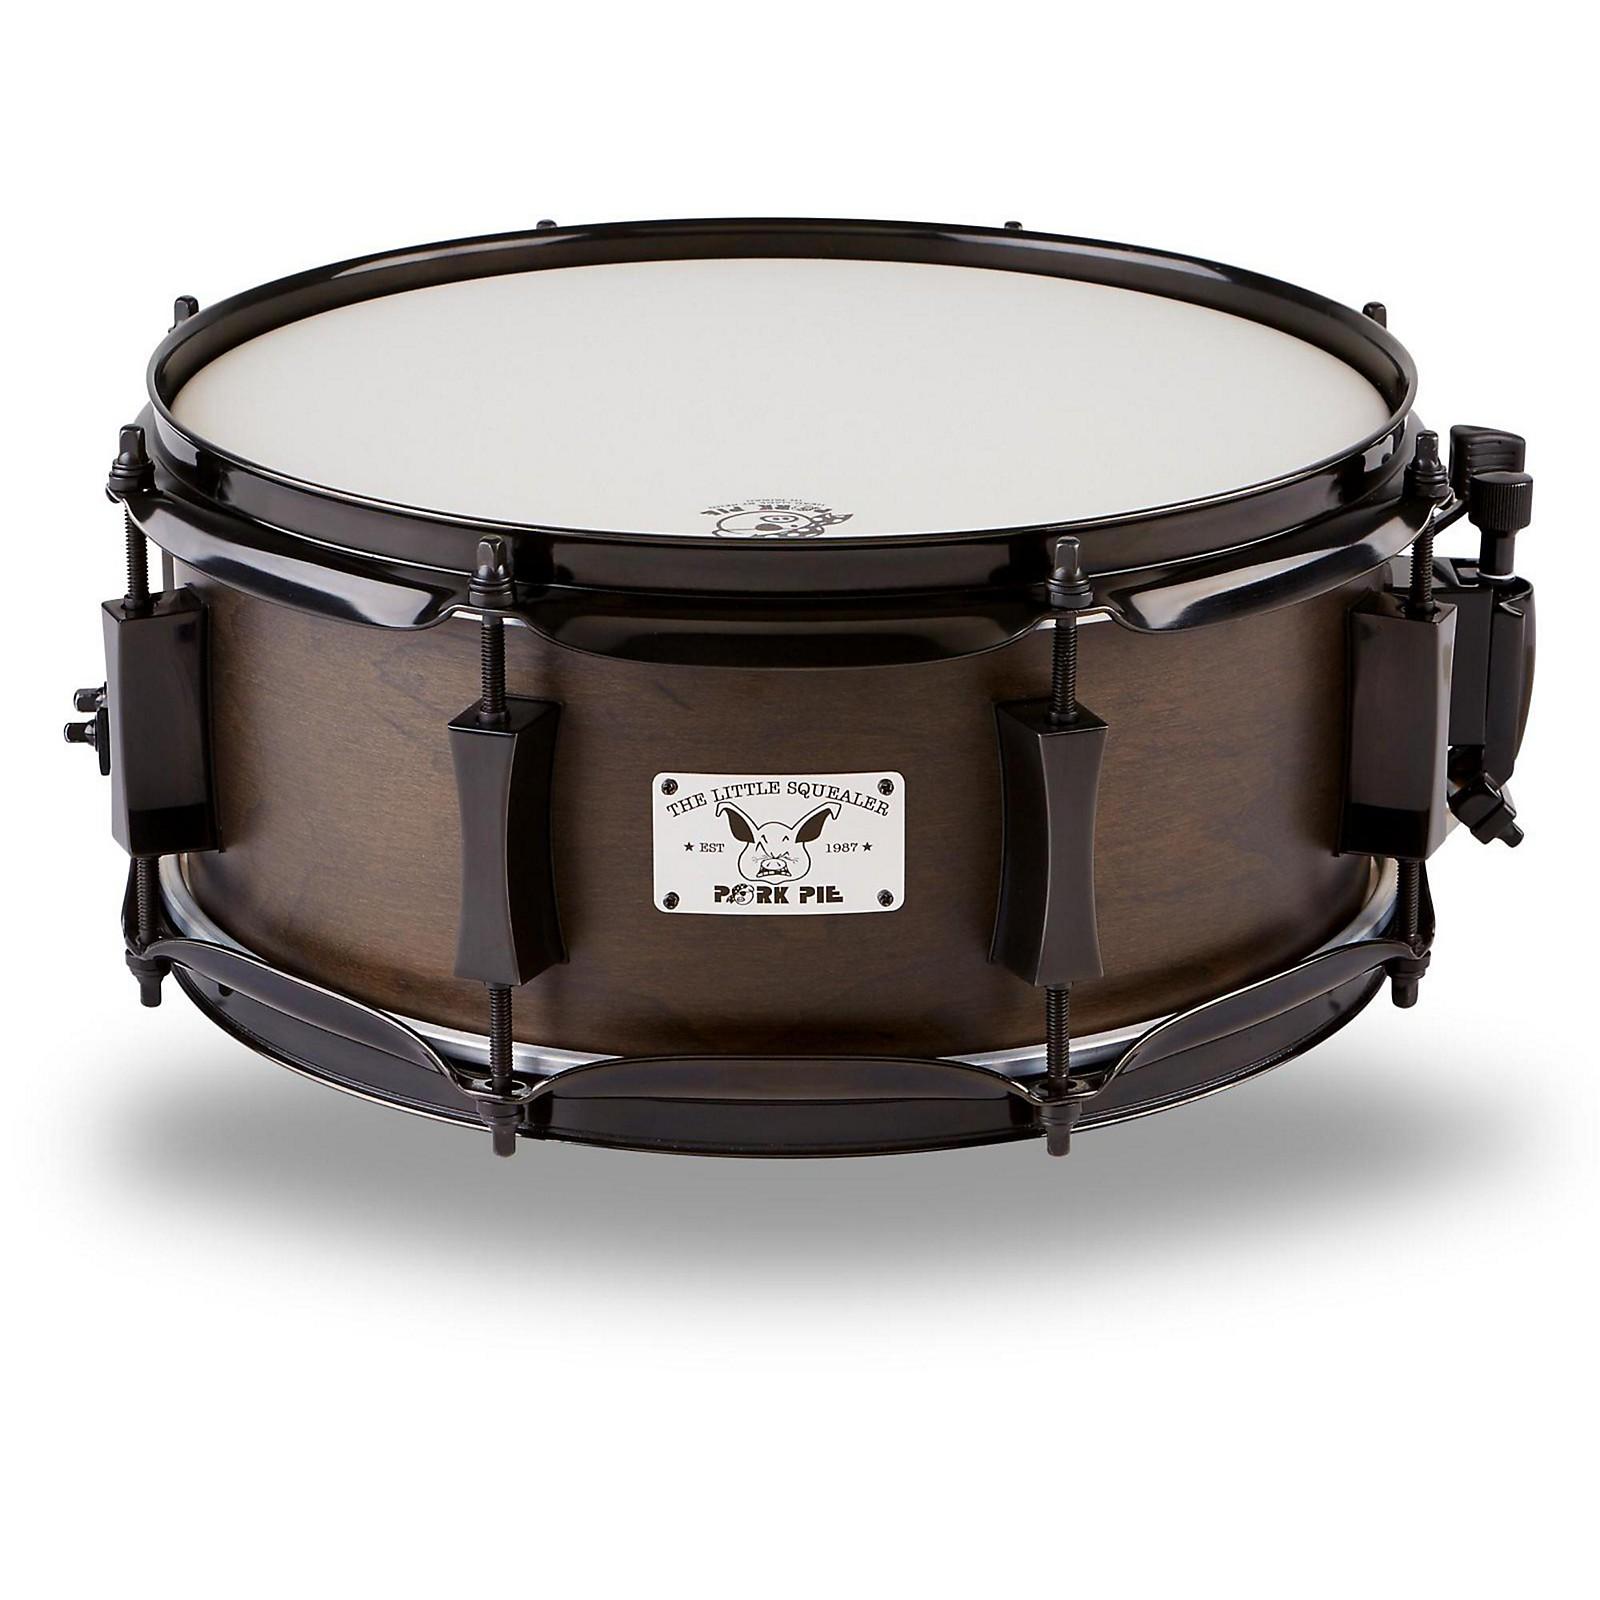 Pork Pie Little Squealer Maple Snare Drum